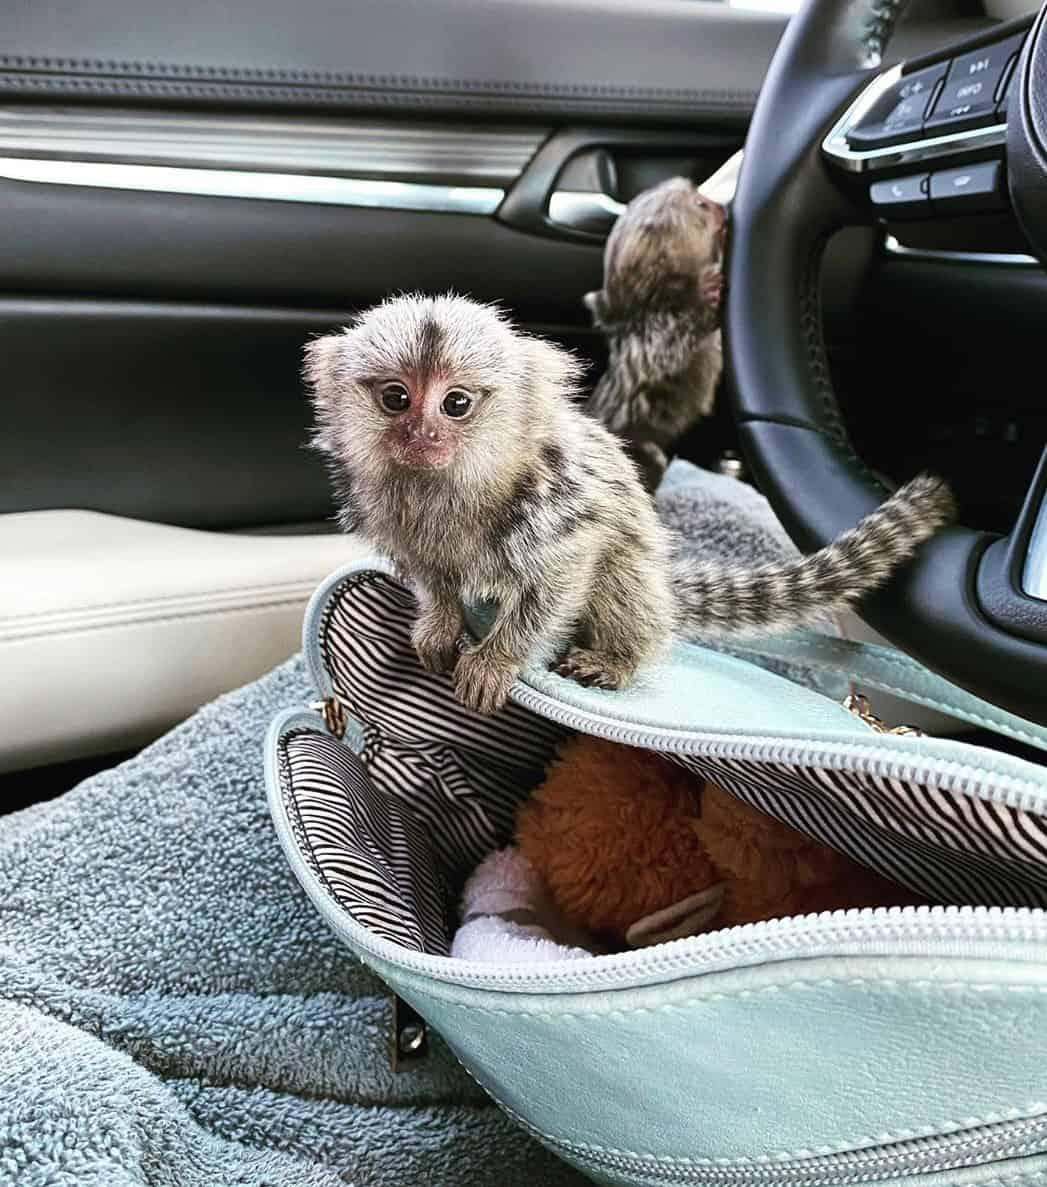 Two cute finger monkeys in a car